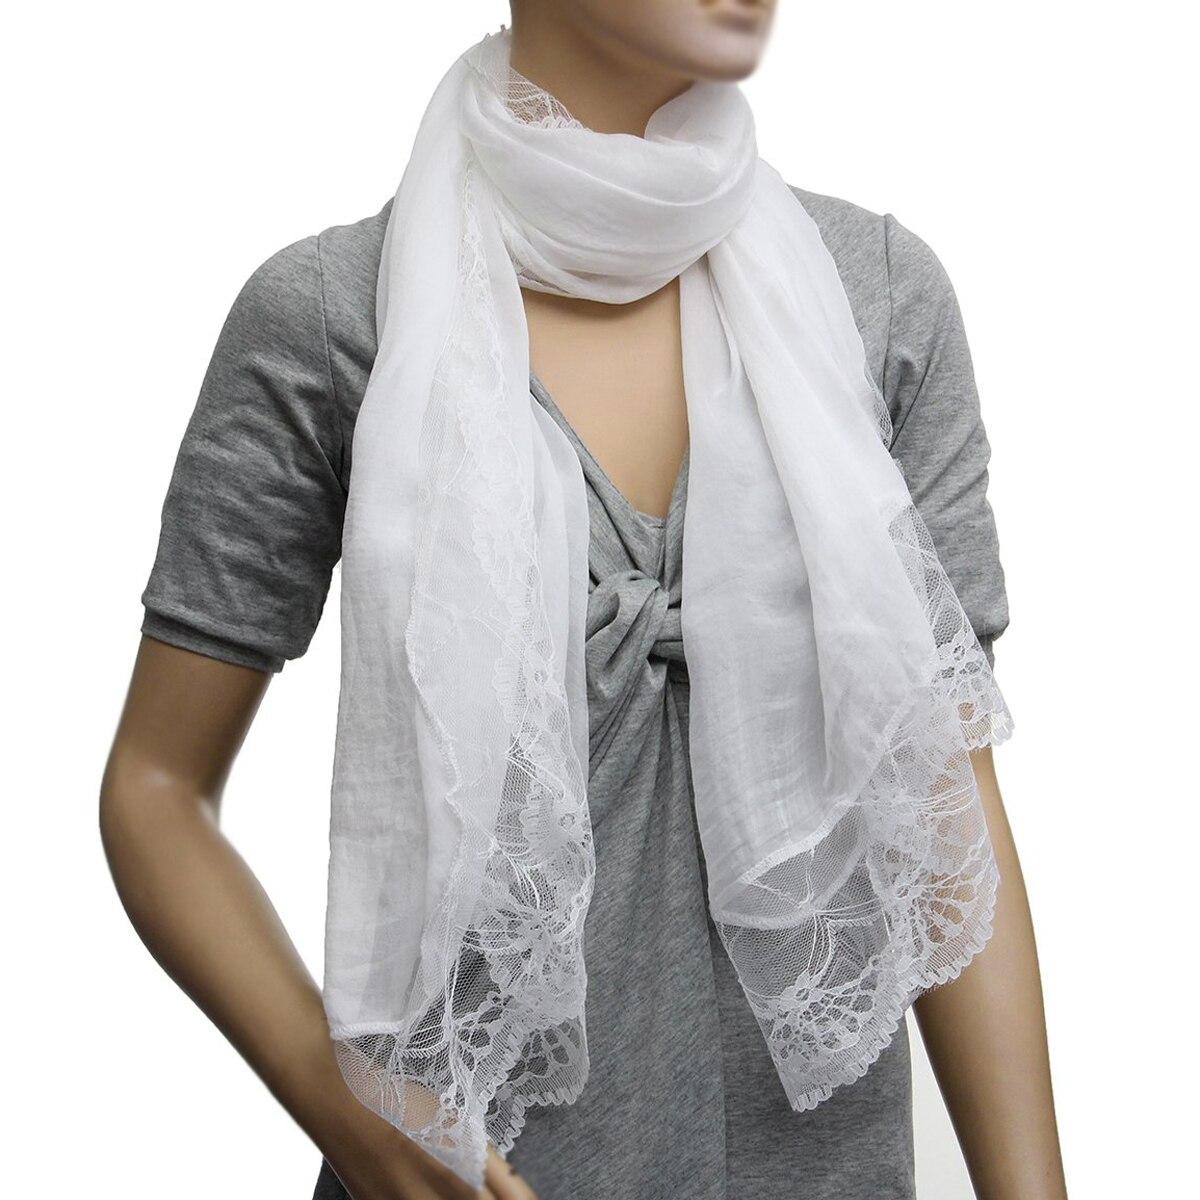 Hot Woman Scarves Chiffon Lace Scarf Wrap Scarf White